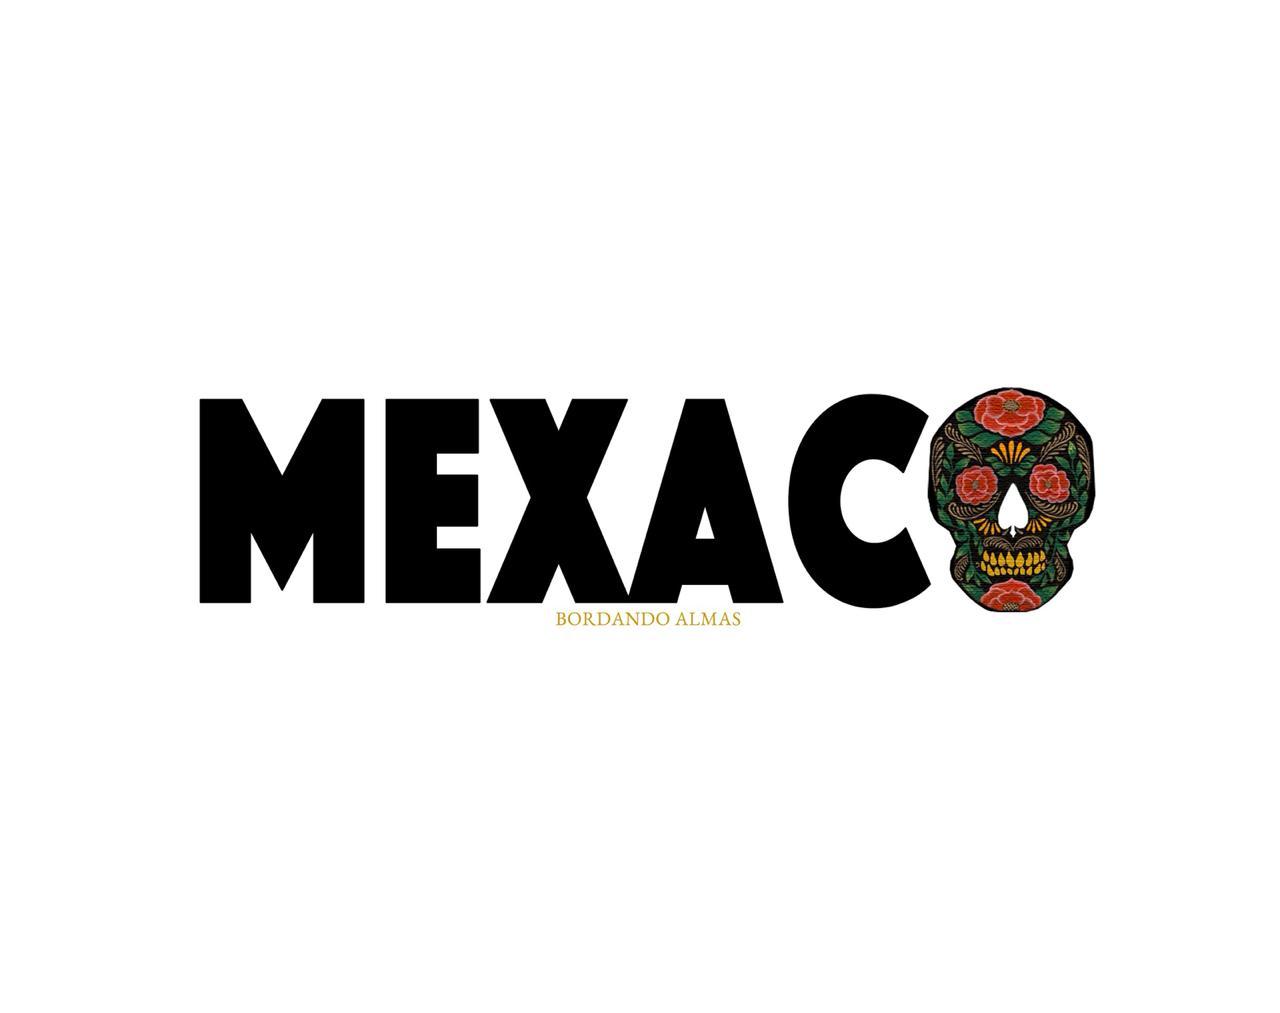 mexaco